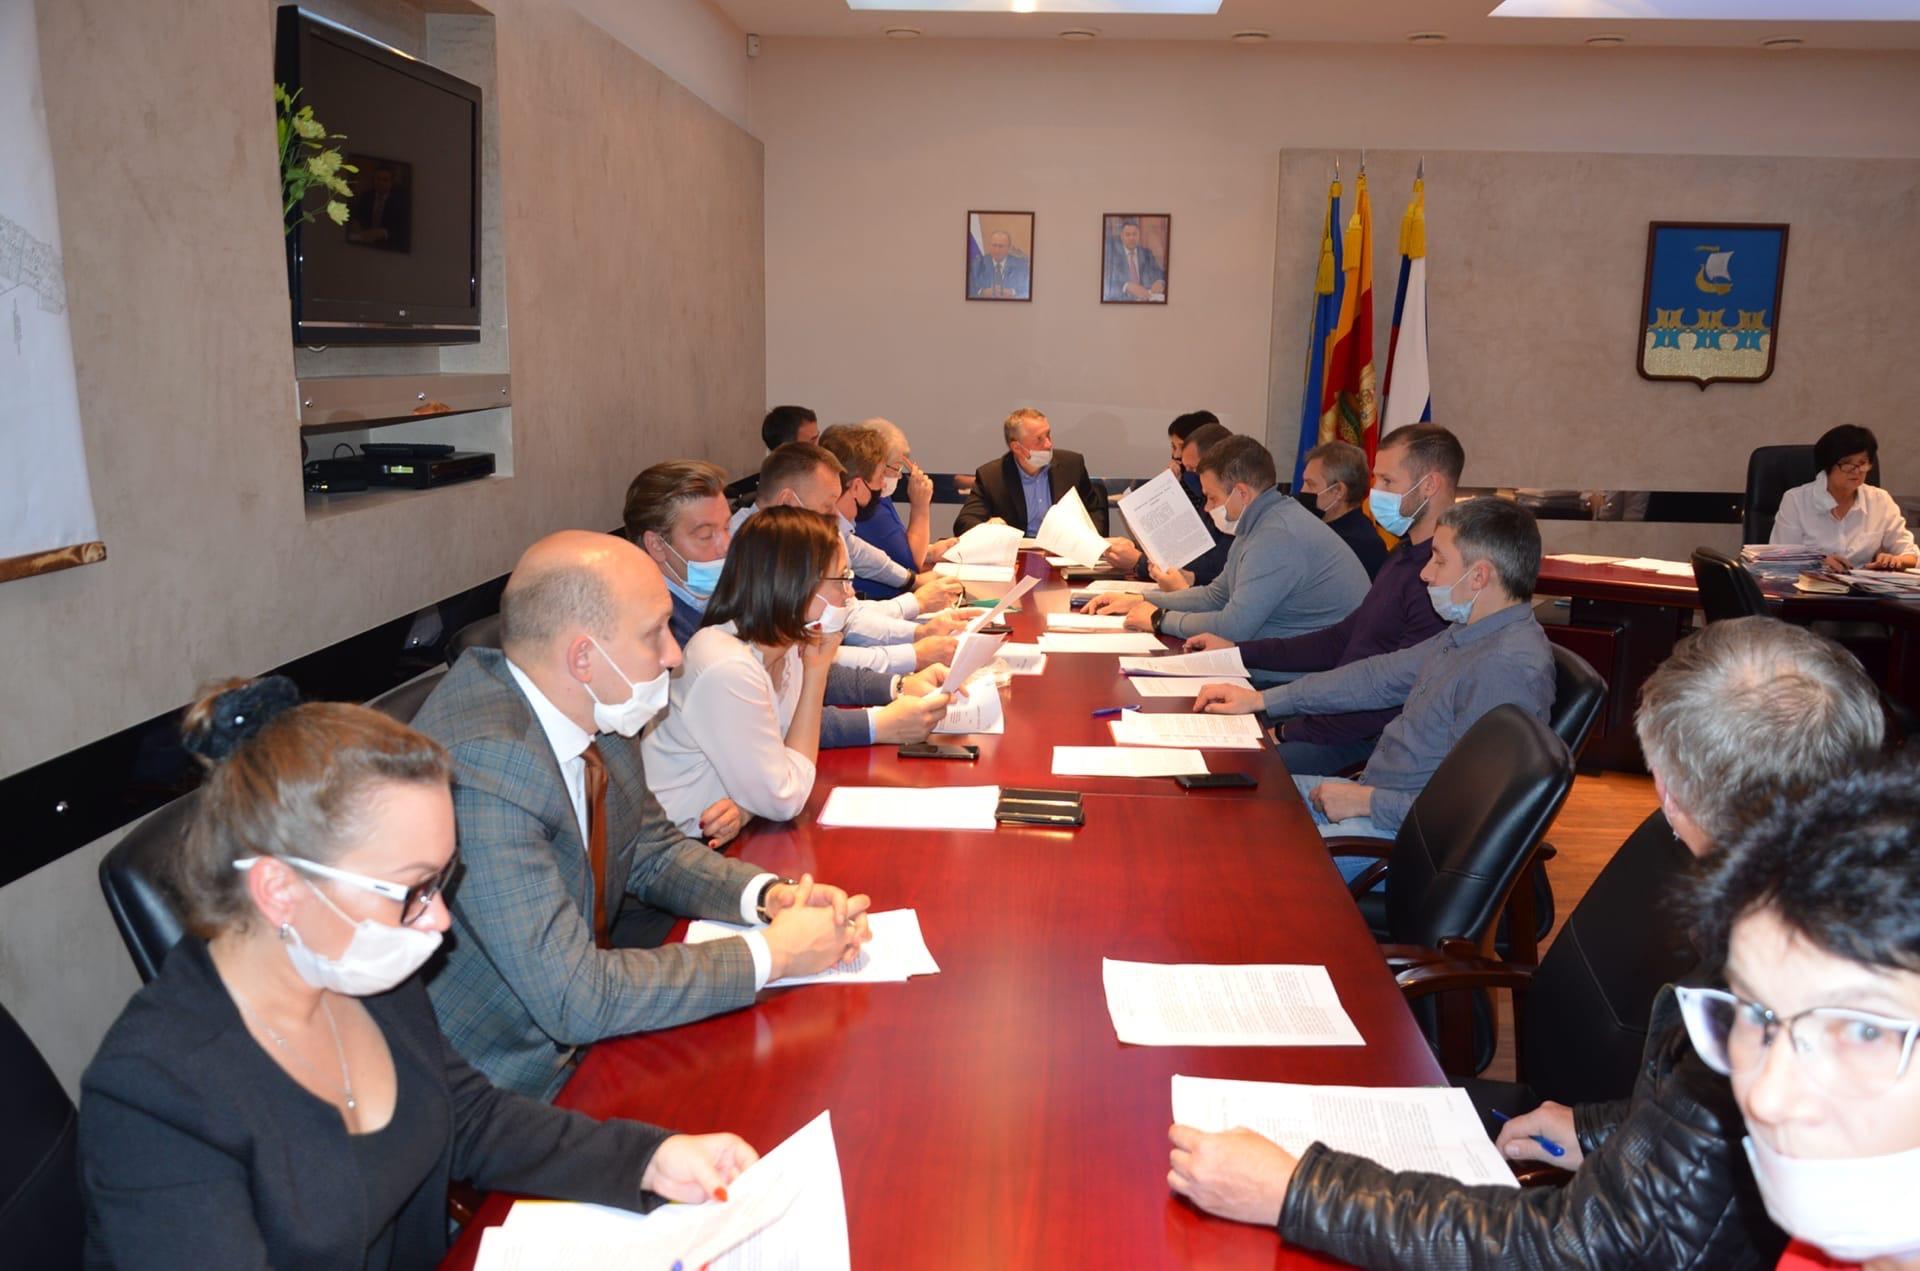 Зарплату Главы, систему налогообложения и развалины на Урицкого обсудили в городской думе